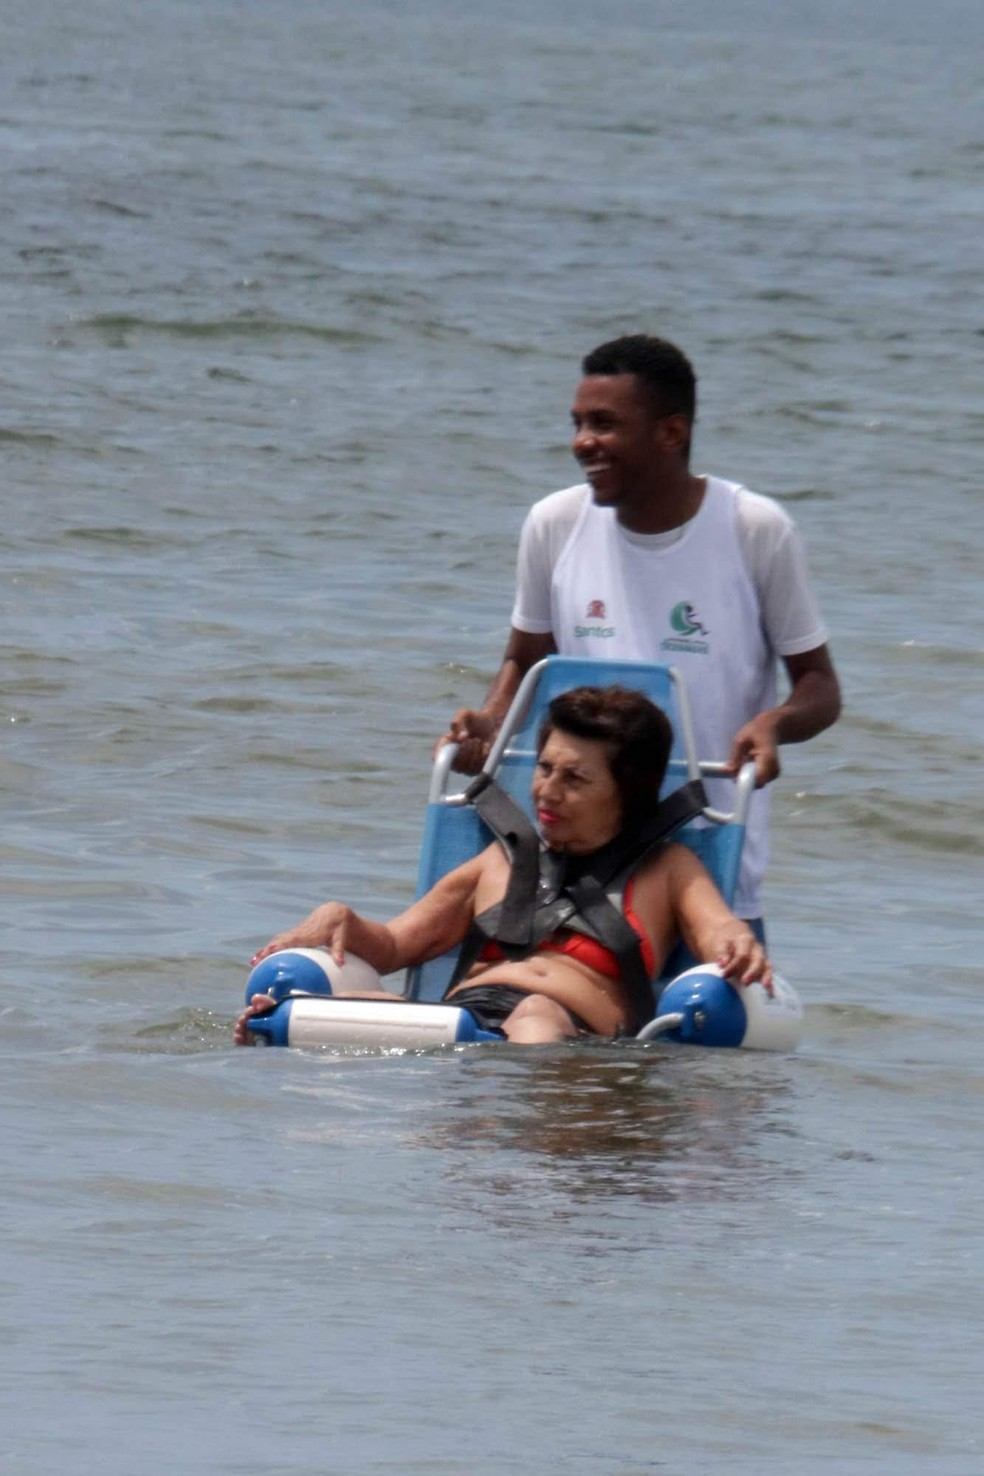 'Praia Acessível' recebe duas novas cadeiras para levar pessoas com mobilidade reduzida ao mar, em Santos. — Foto: Divulgação/Prefeitura de Santos